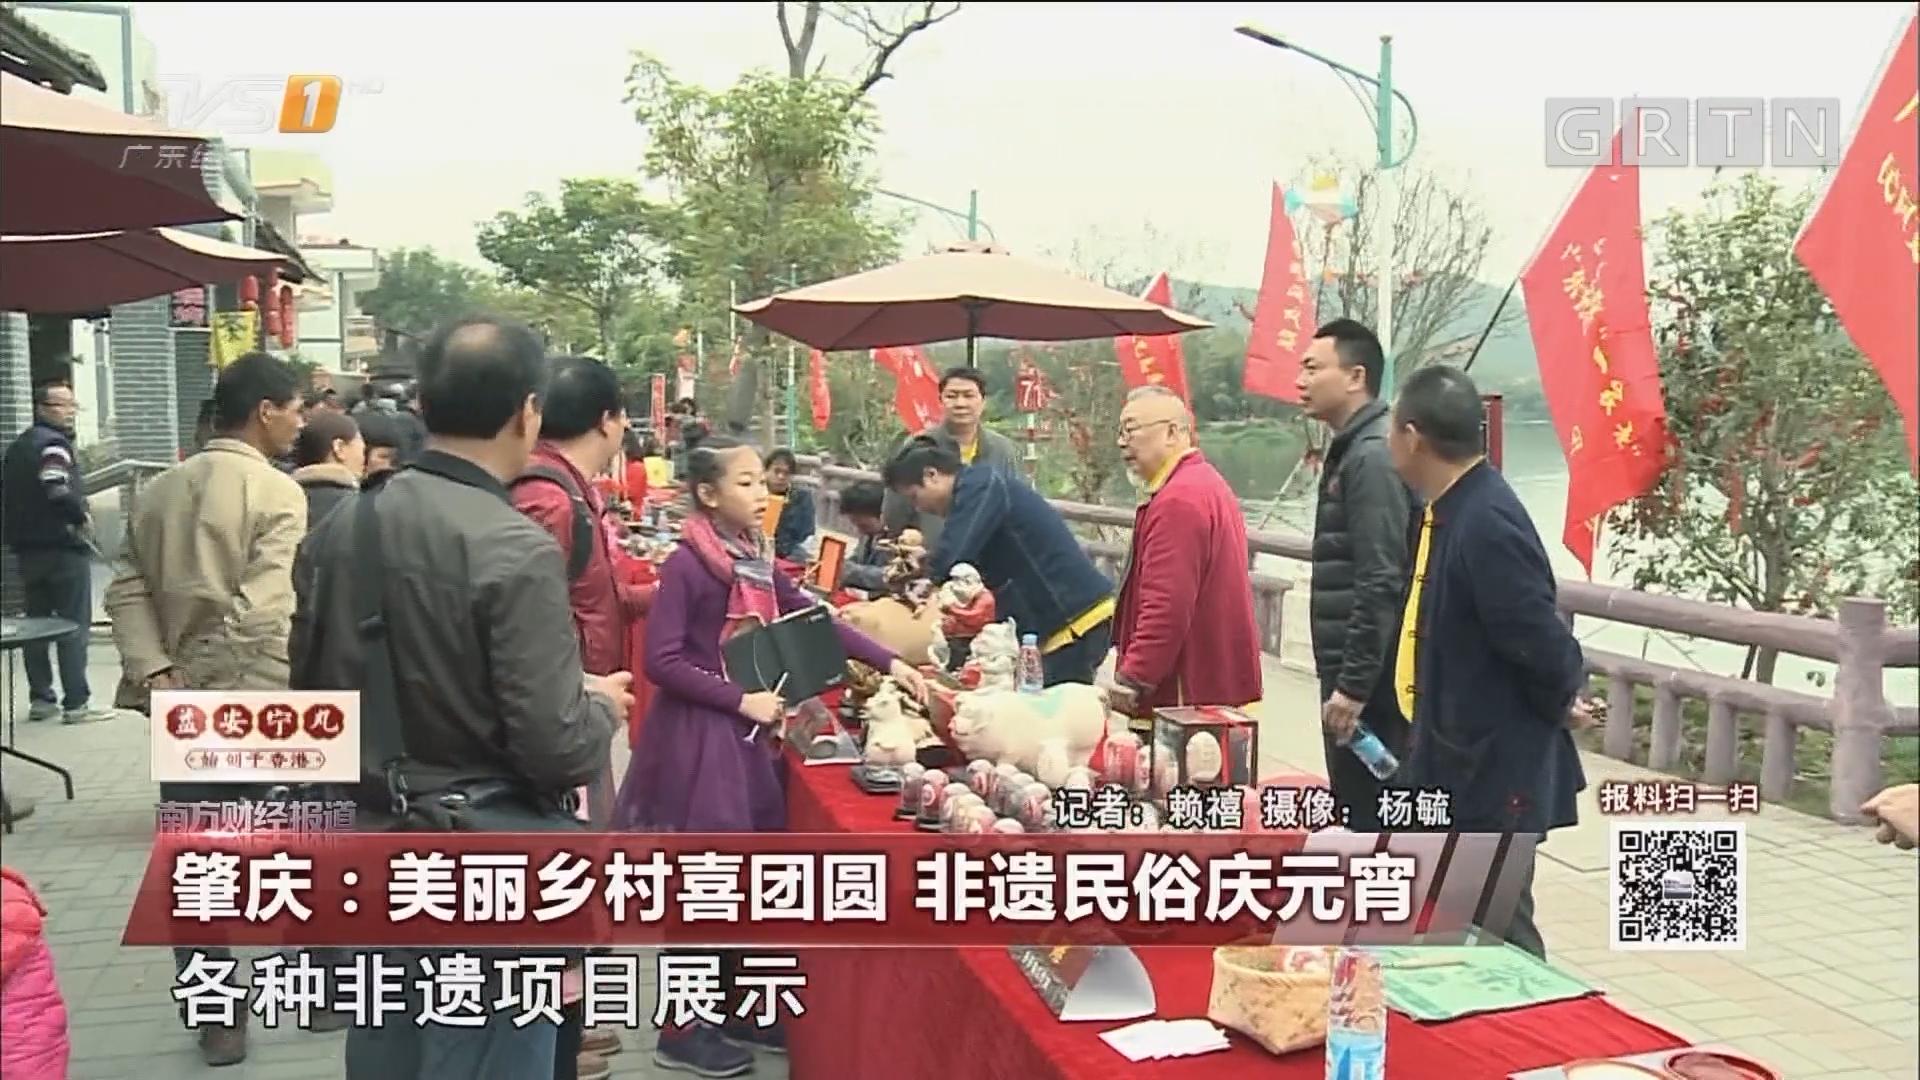 肇庆:美丽乡村喜团圆 非遗民俗庆元宵